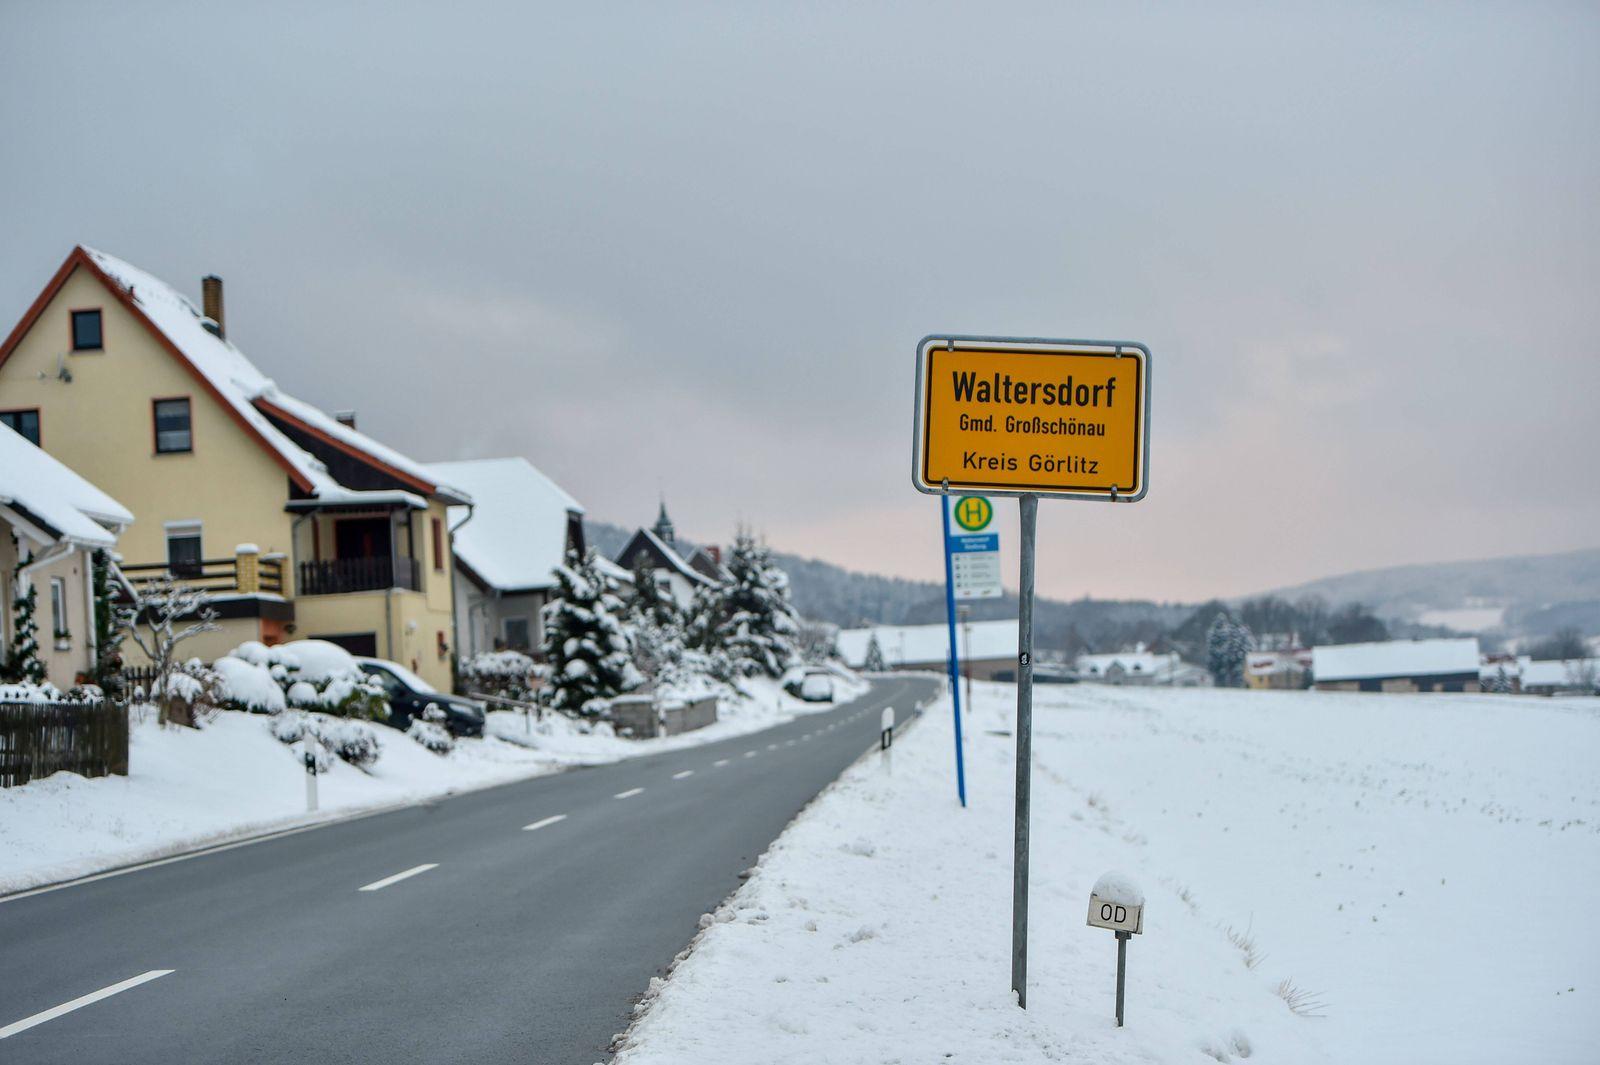 Waltersdorf- Personengruppe am Grundstück des Ministerpräsidenten 10.01.2021, 10:30 Uhr Waltersdorf Fotograf: LausitzNew